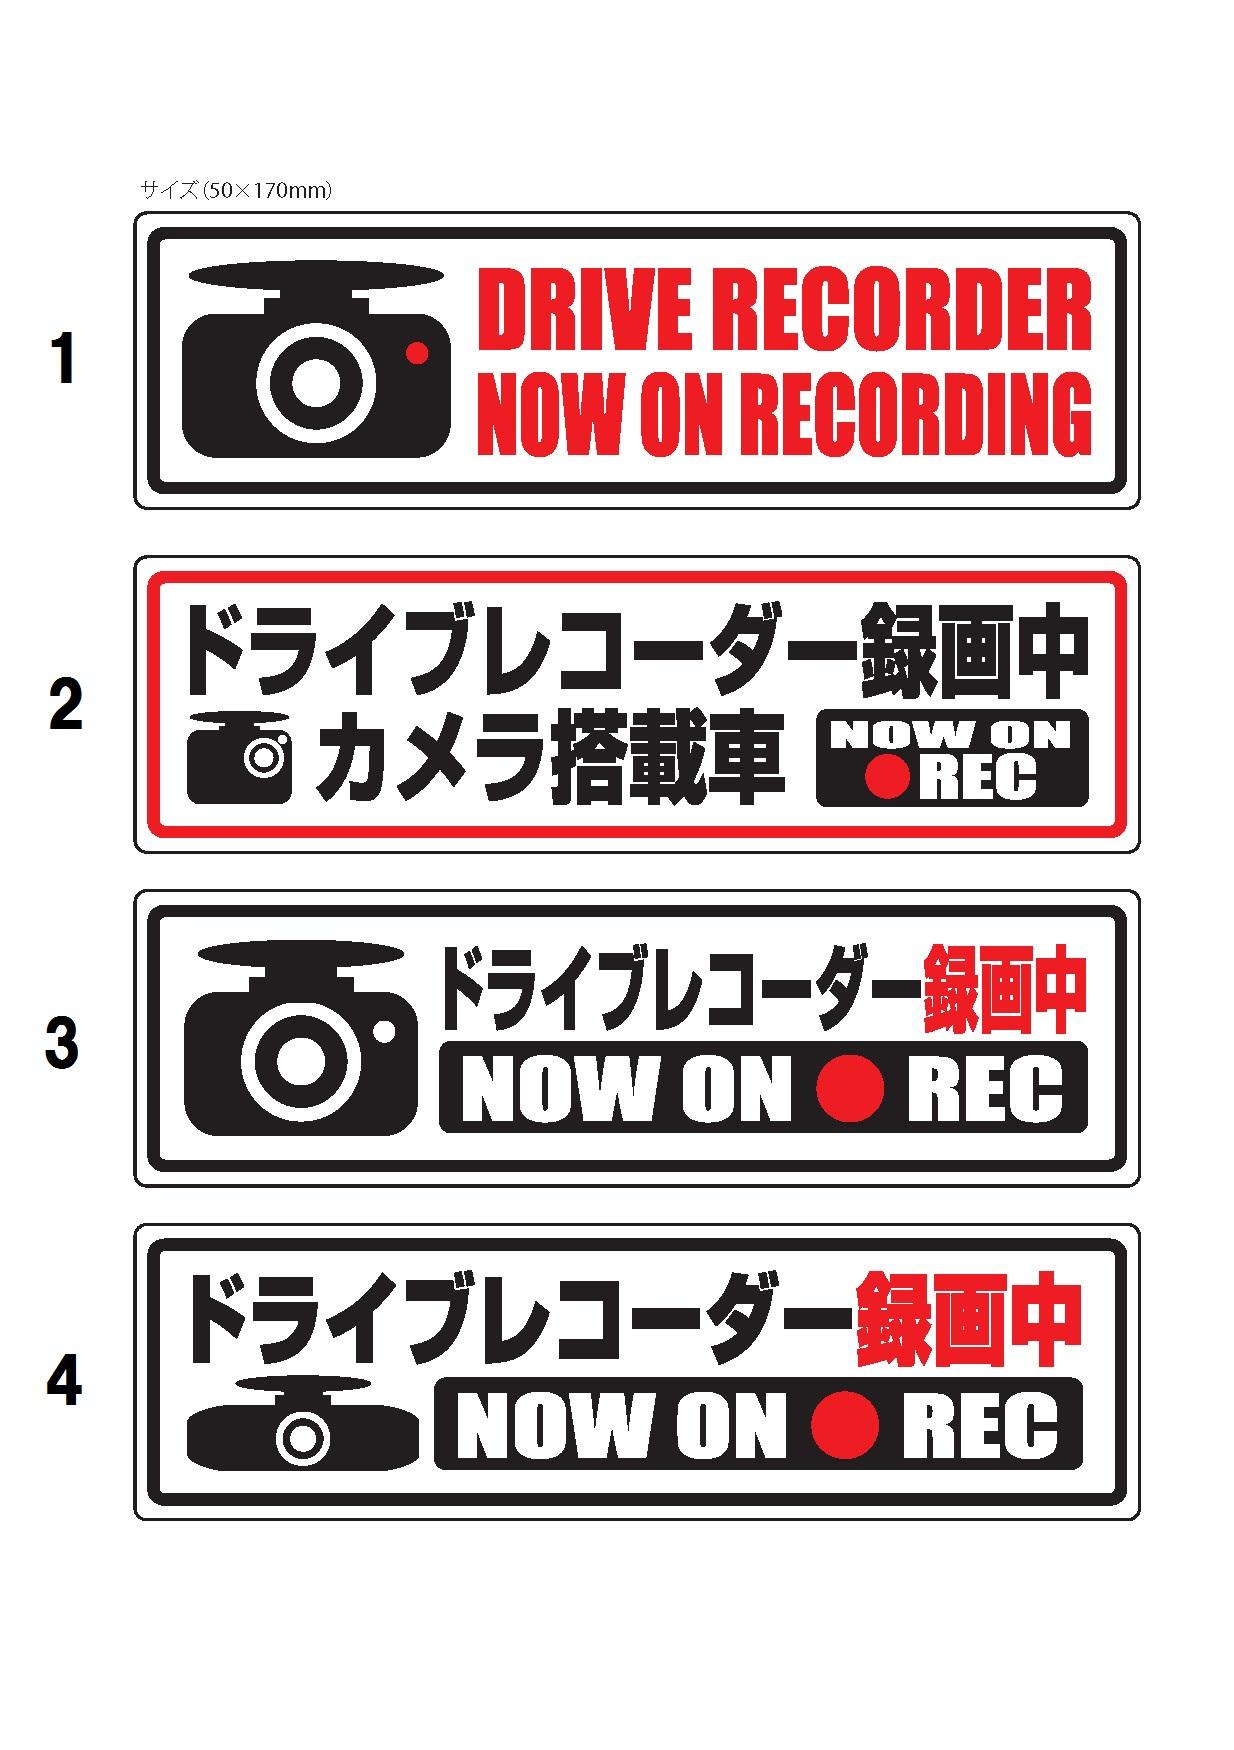 マグネット 【高品質】 ドライブレコーダー 録画中 ・ 搭載車 マグネット ステッカー これ1枚で効果!! 選べる1枚